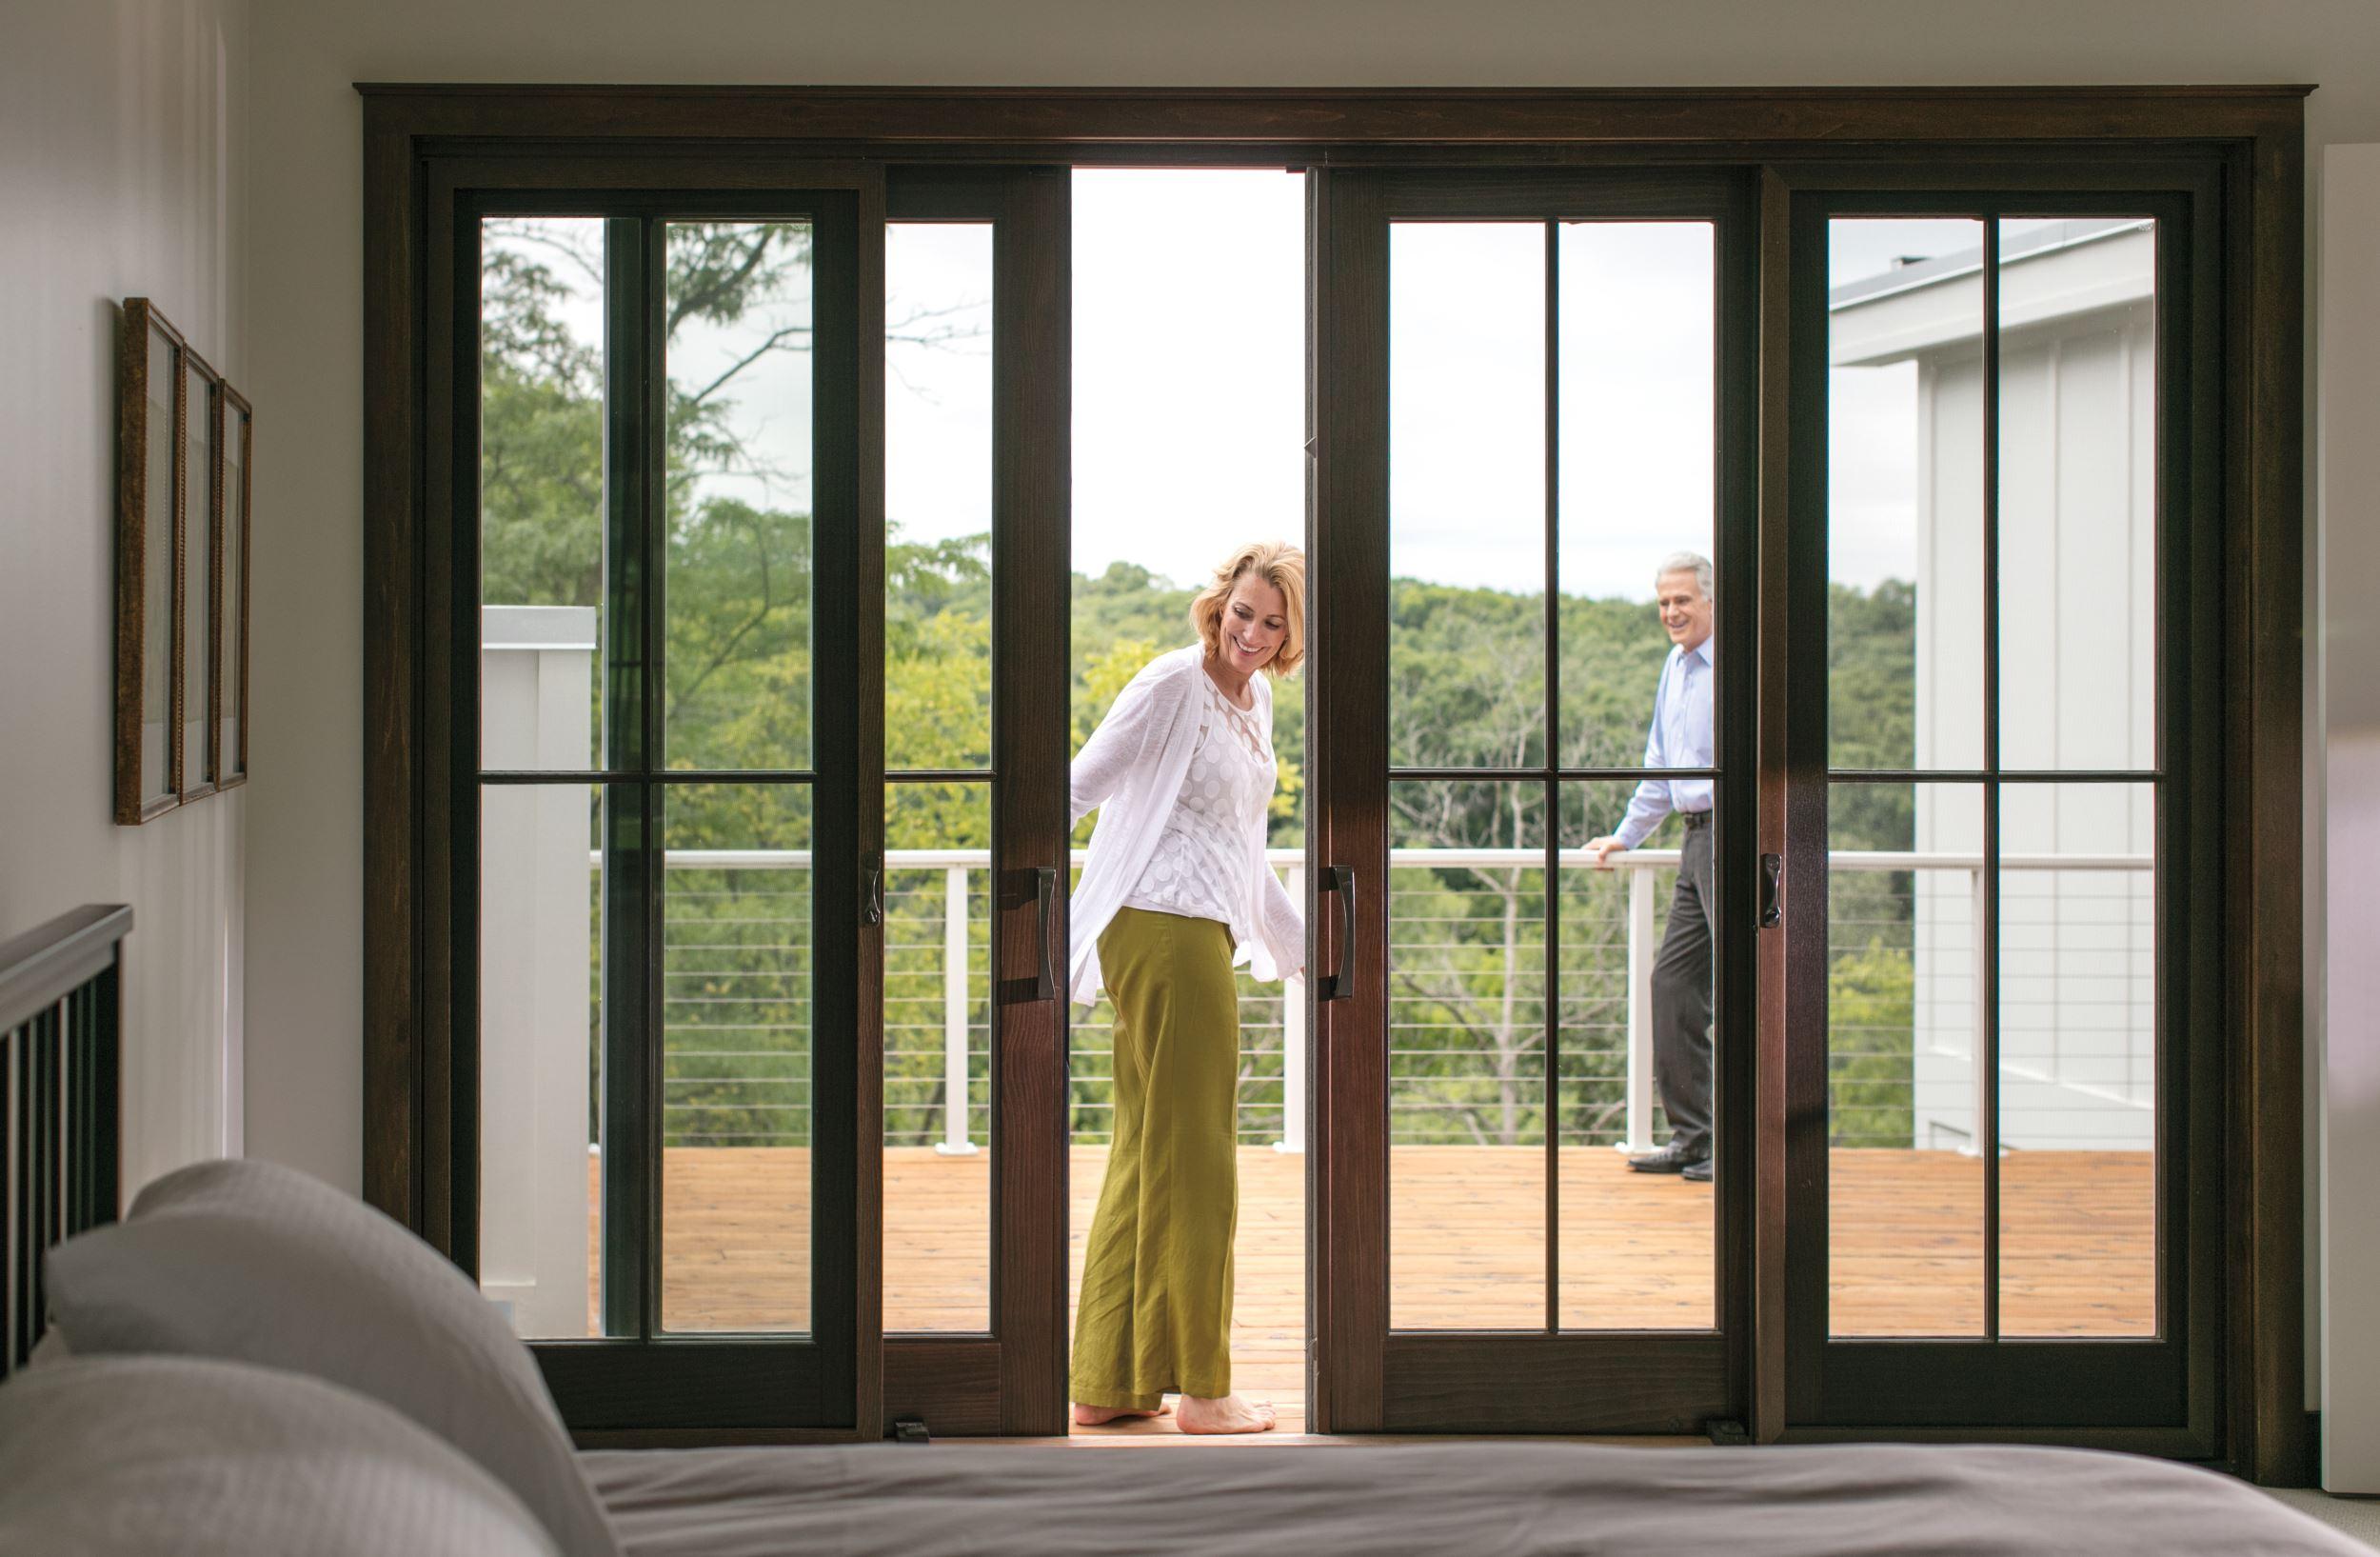 bifold patio doors blur indoor and